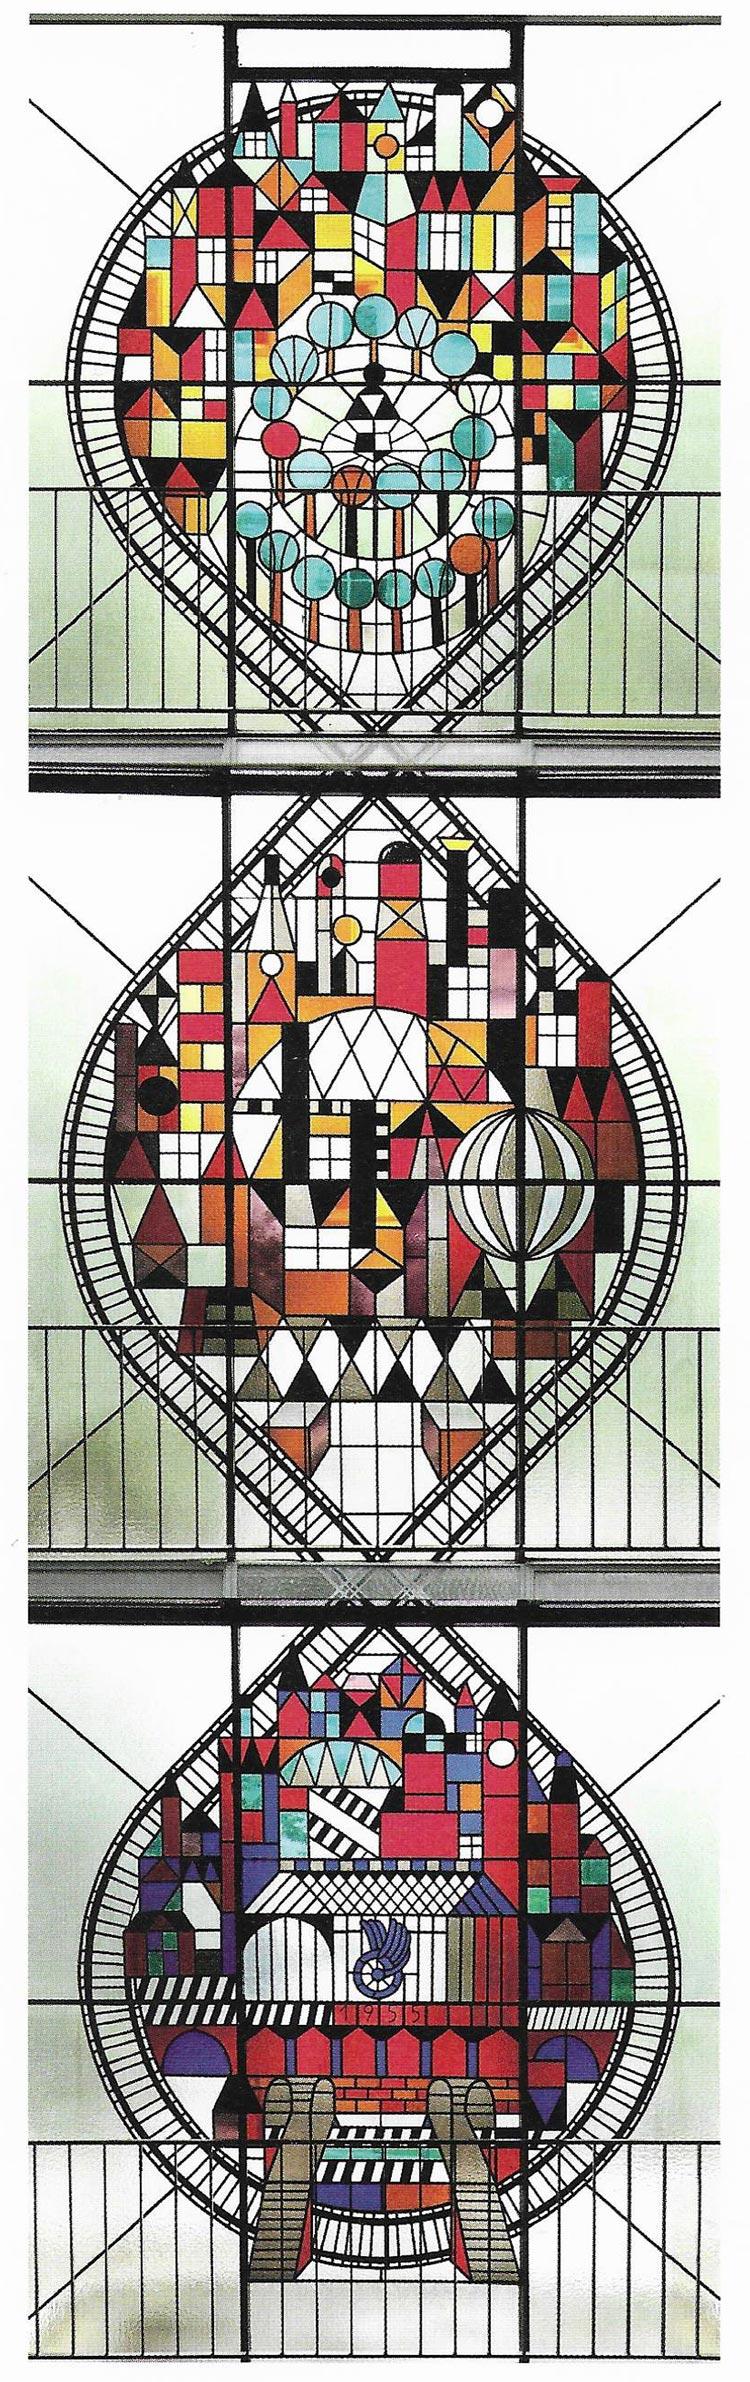 Horst Janssen, Farbglasfenster Bahnhof Altona, 1955.